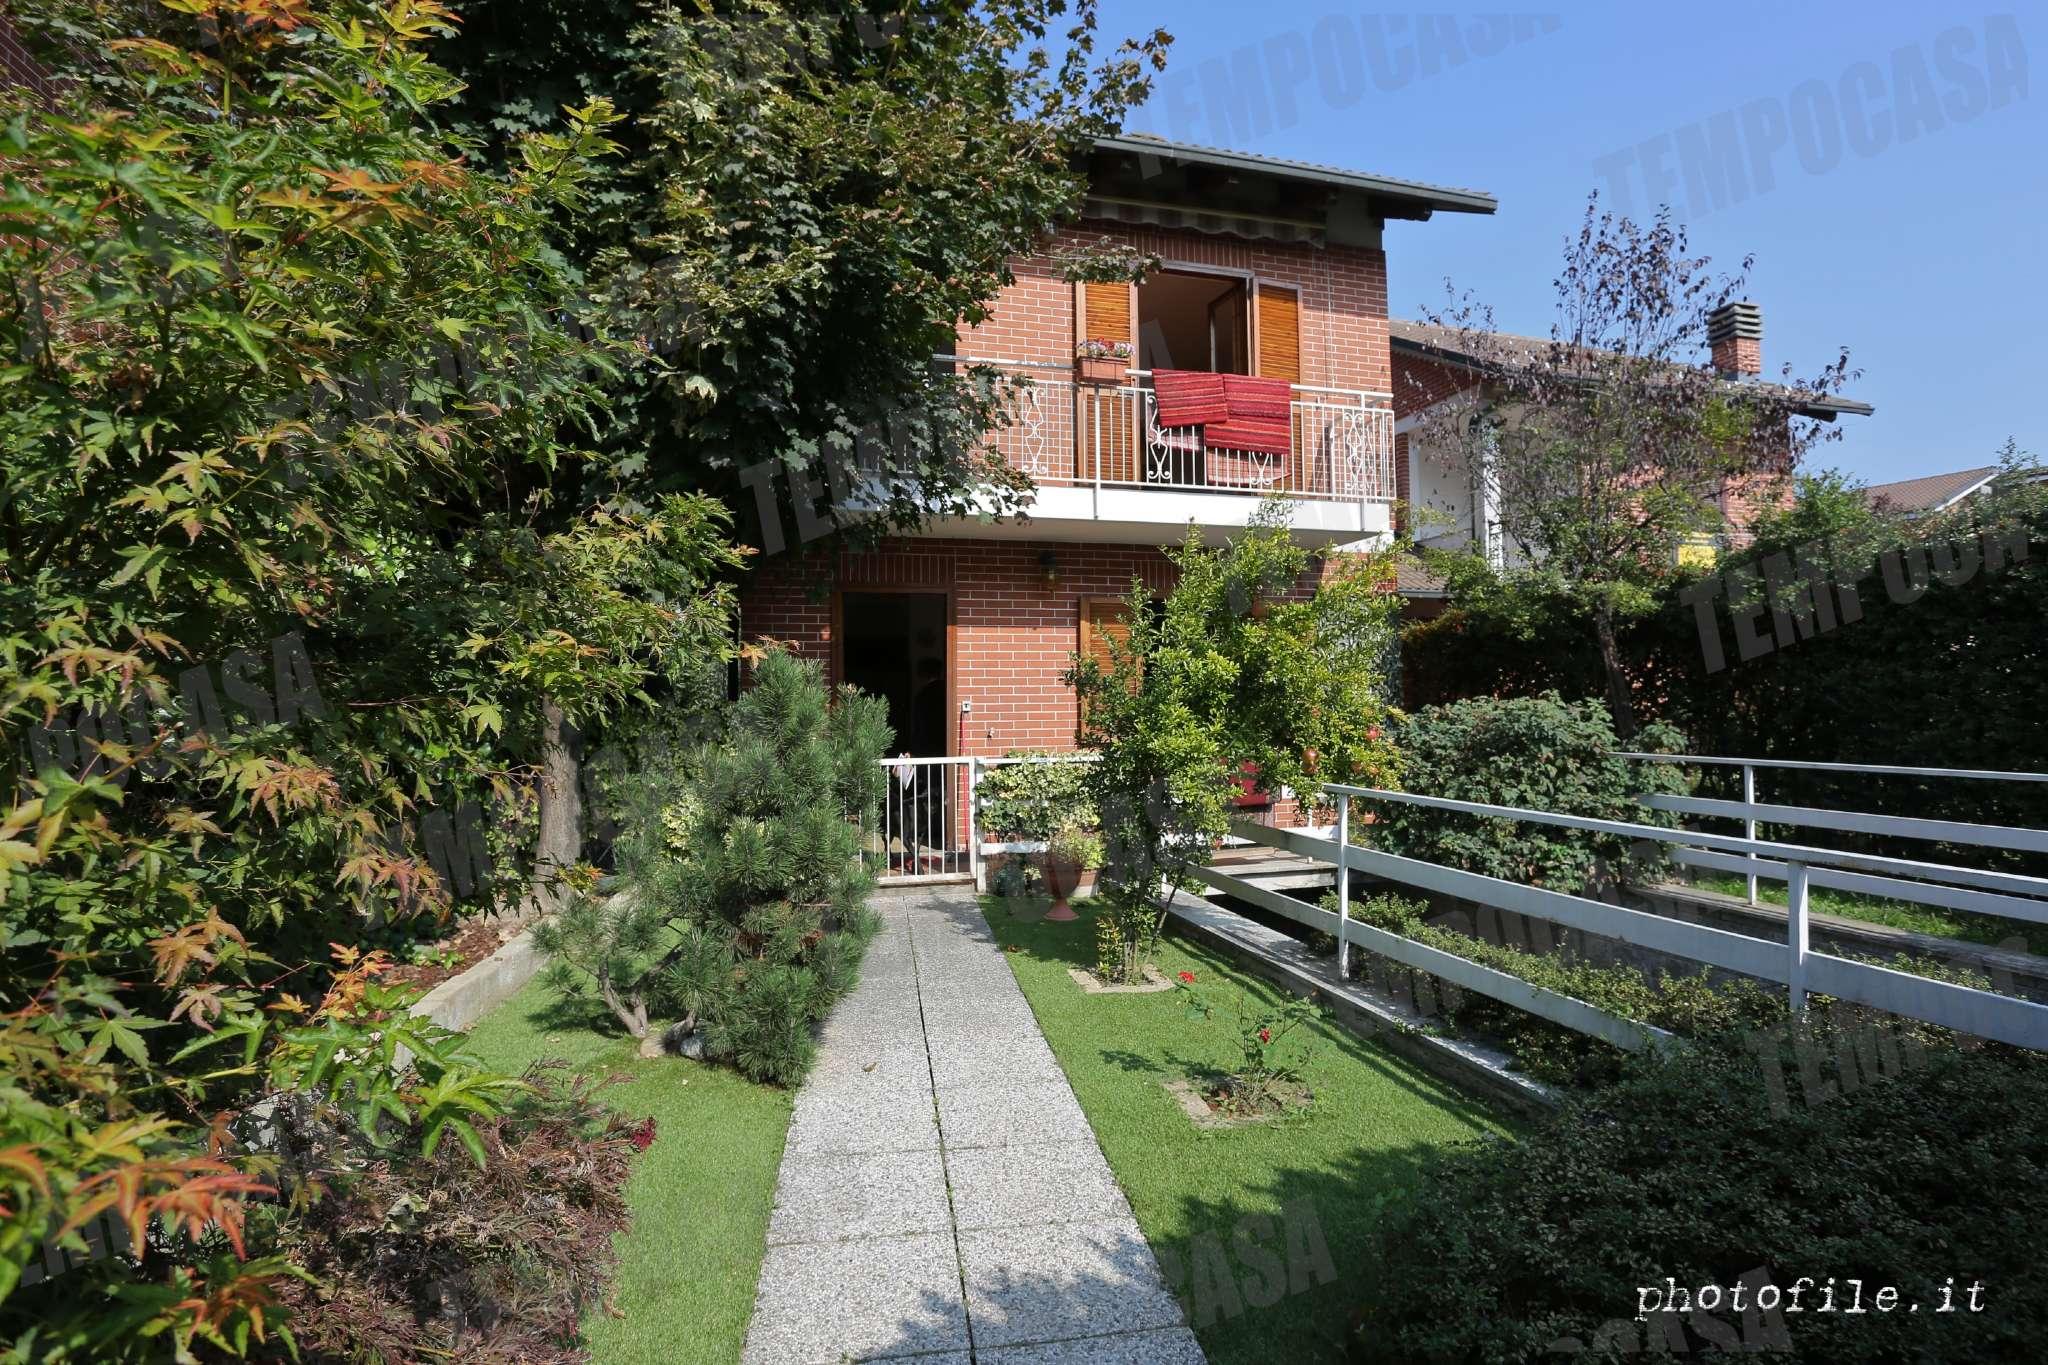 Villa in vendita a Rivalta di Torino, 5 locali, prezzo € 340.000 | CambioCasa.it